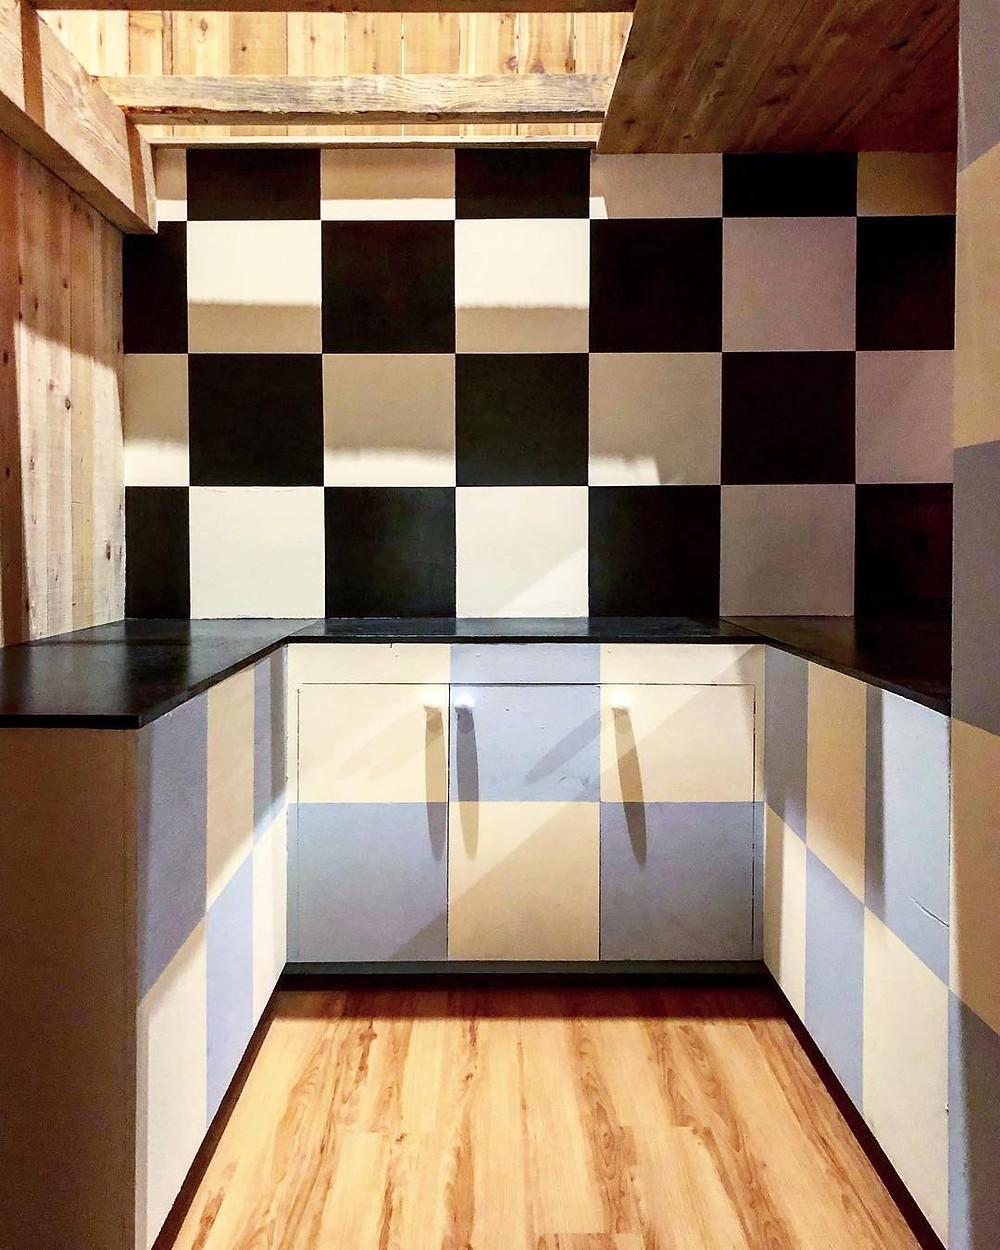 Checkerboard kitchen